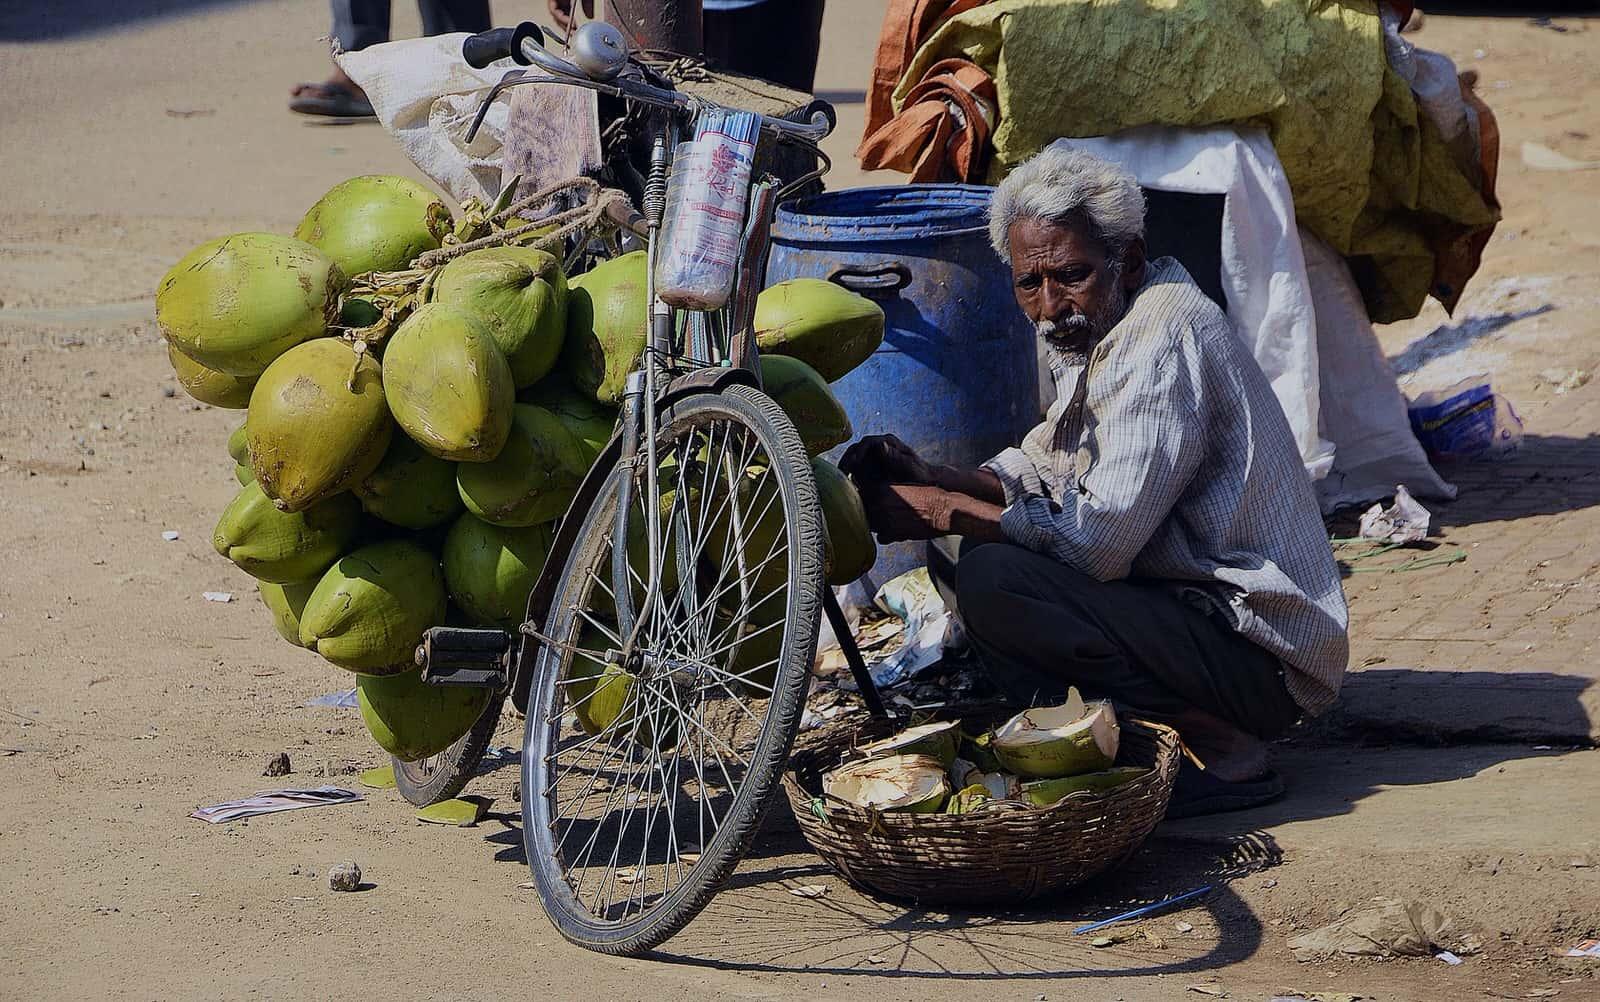 樹蔭都到哪去了?印度街頭攤販消失中的「遮蔭權」